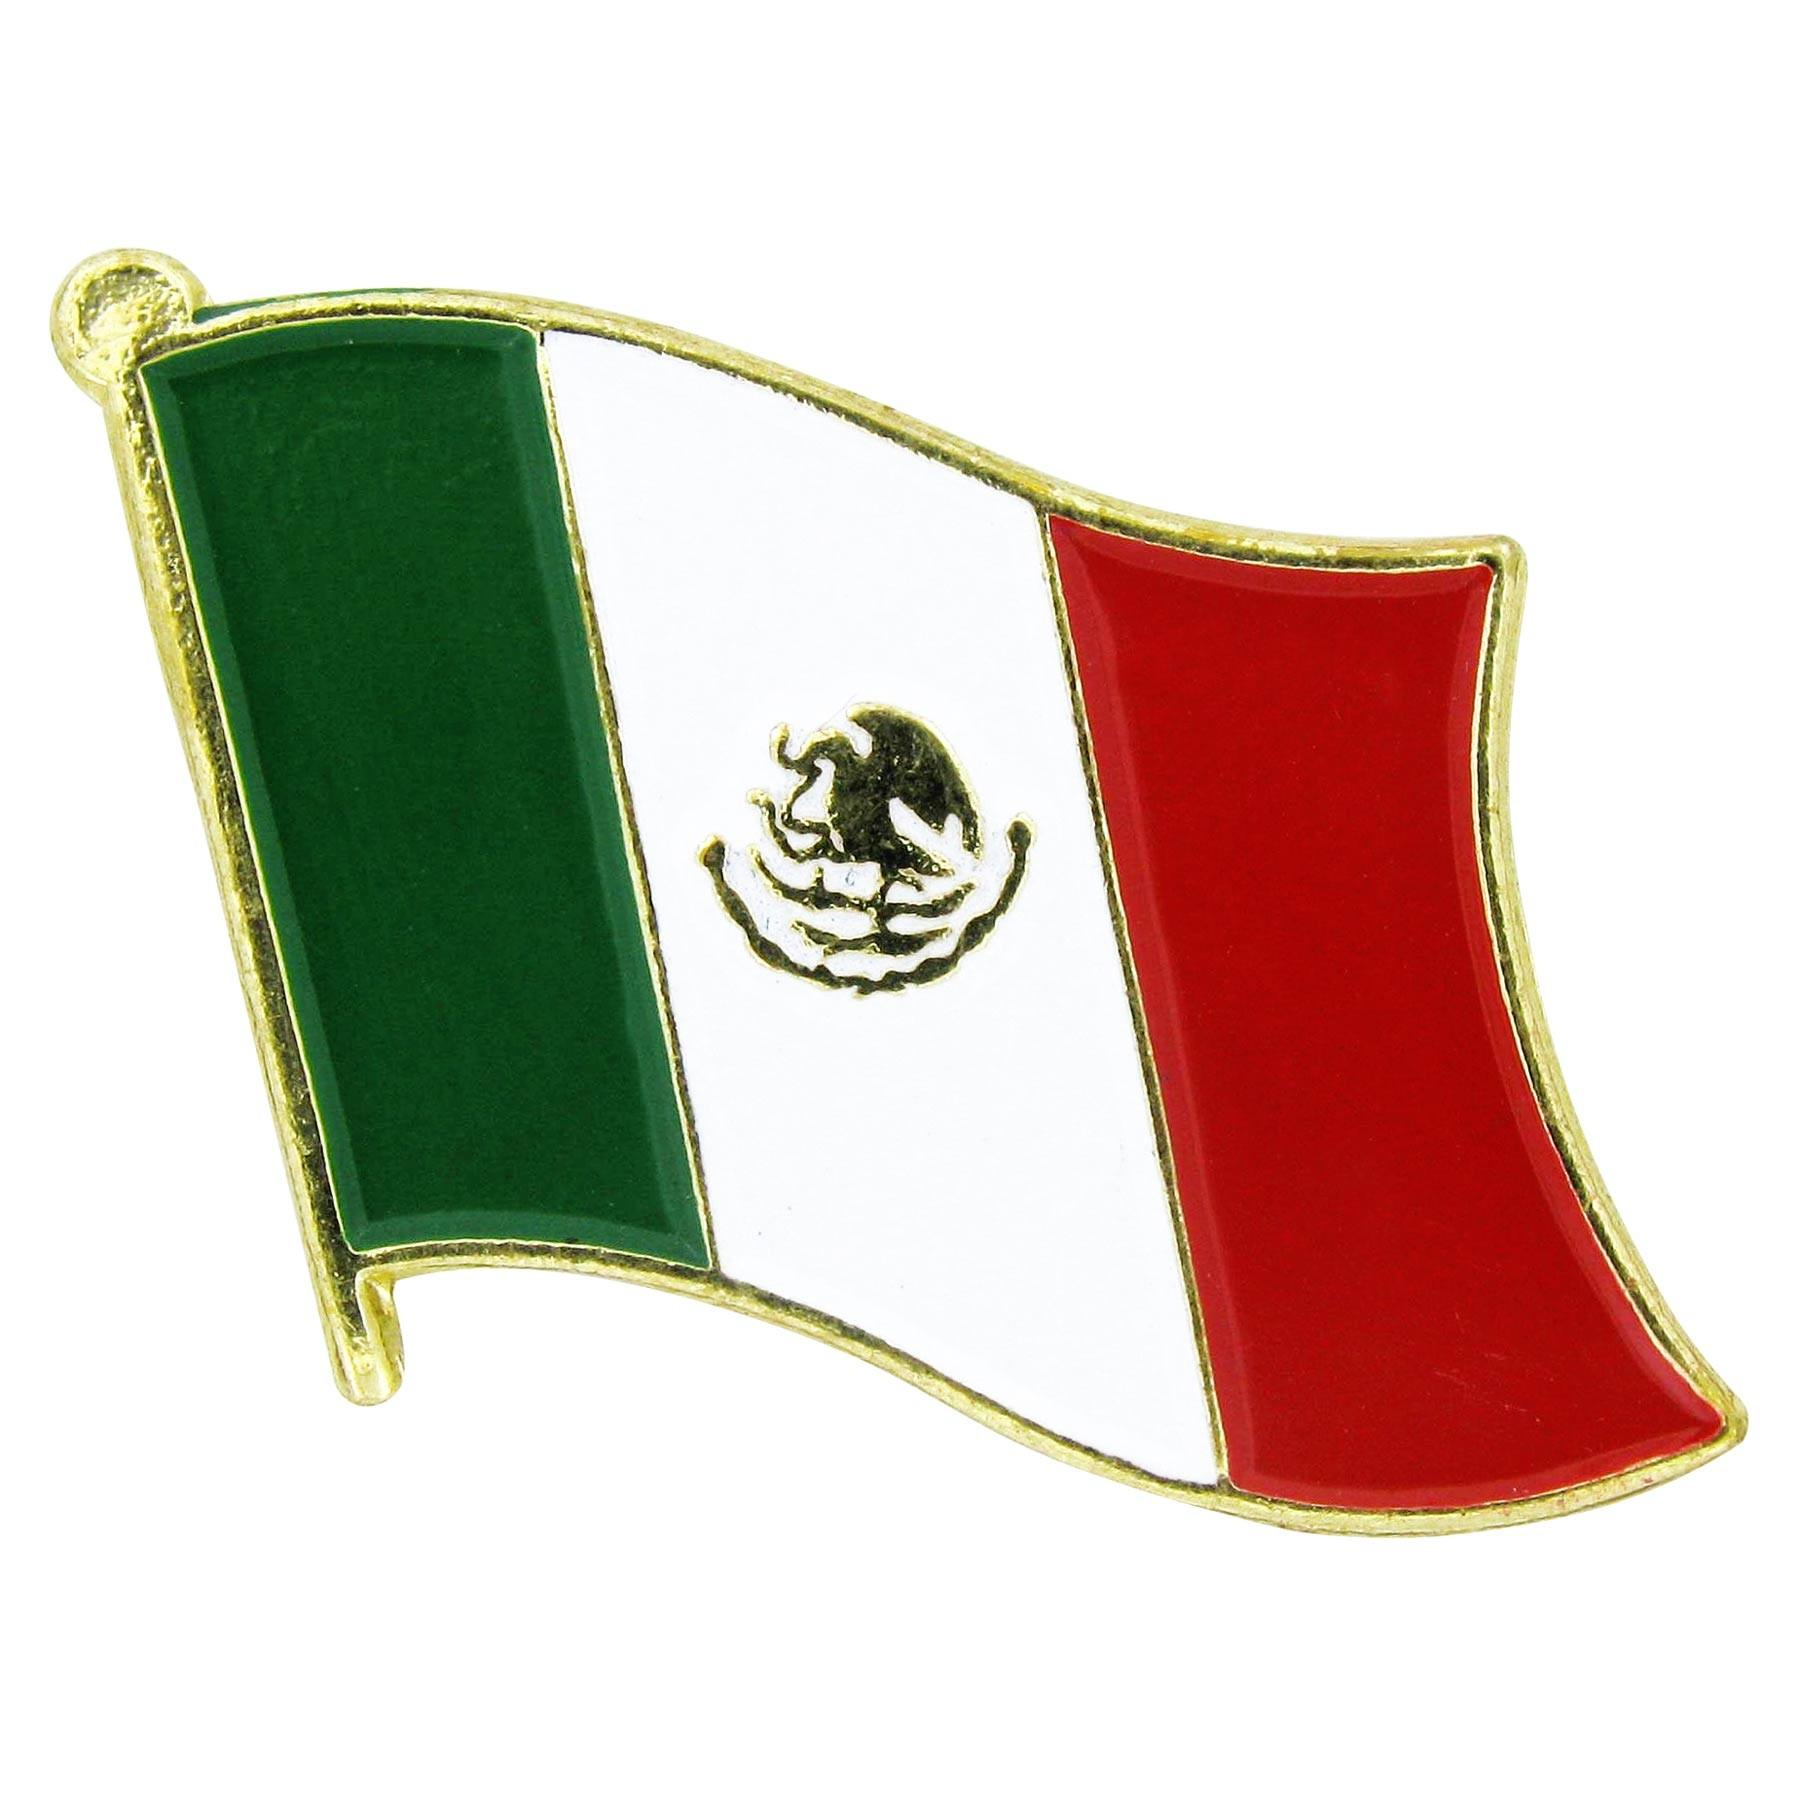 Mexican Flag Clip Art Free.